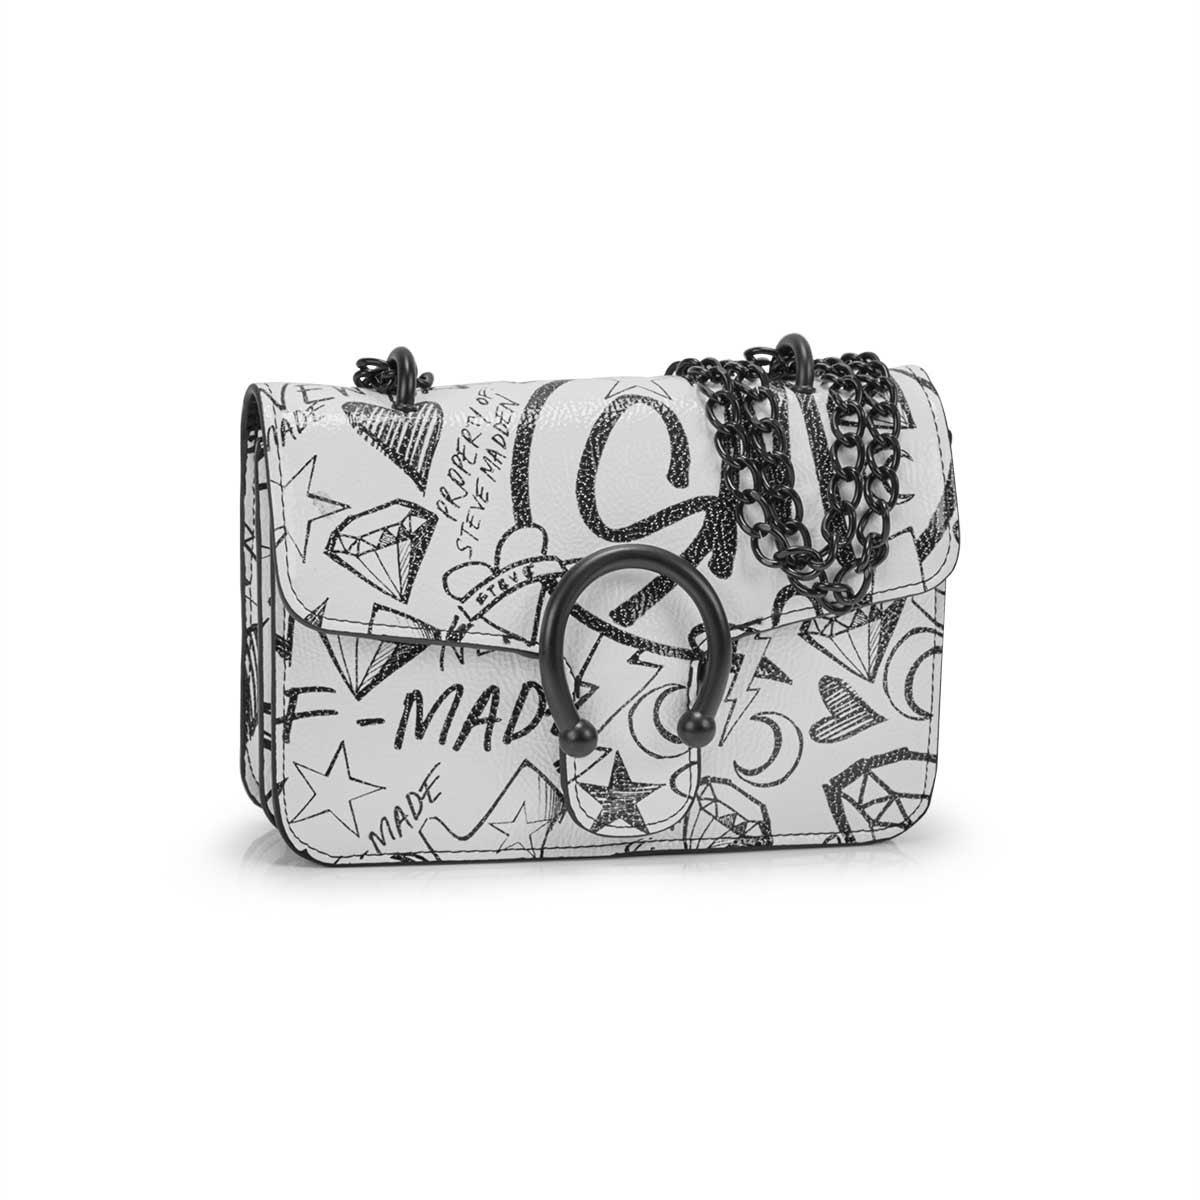 Lds BPeggy wht/blk doodle cross body bag